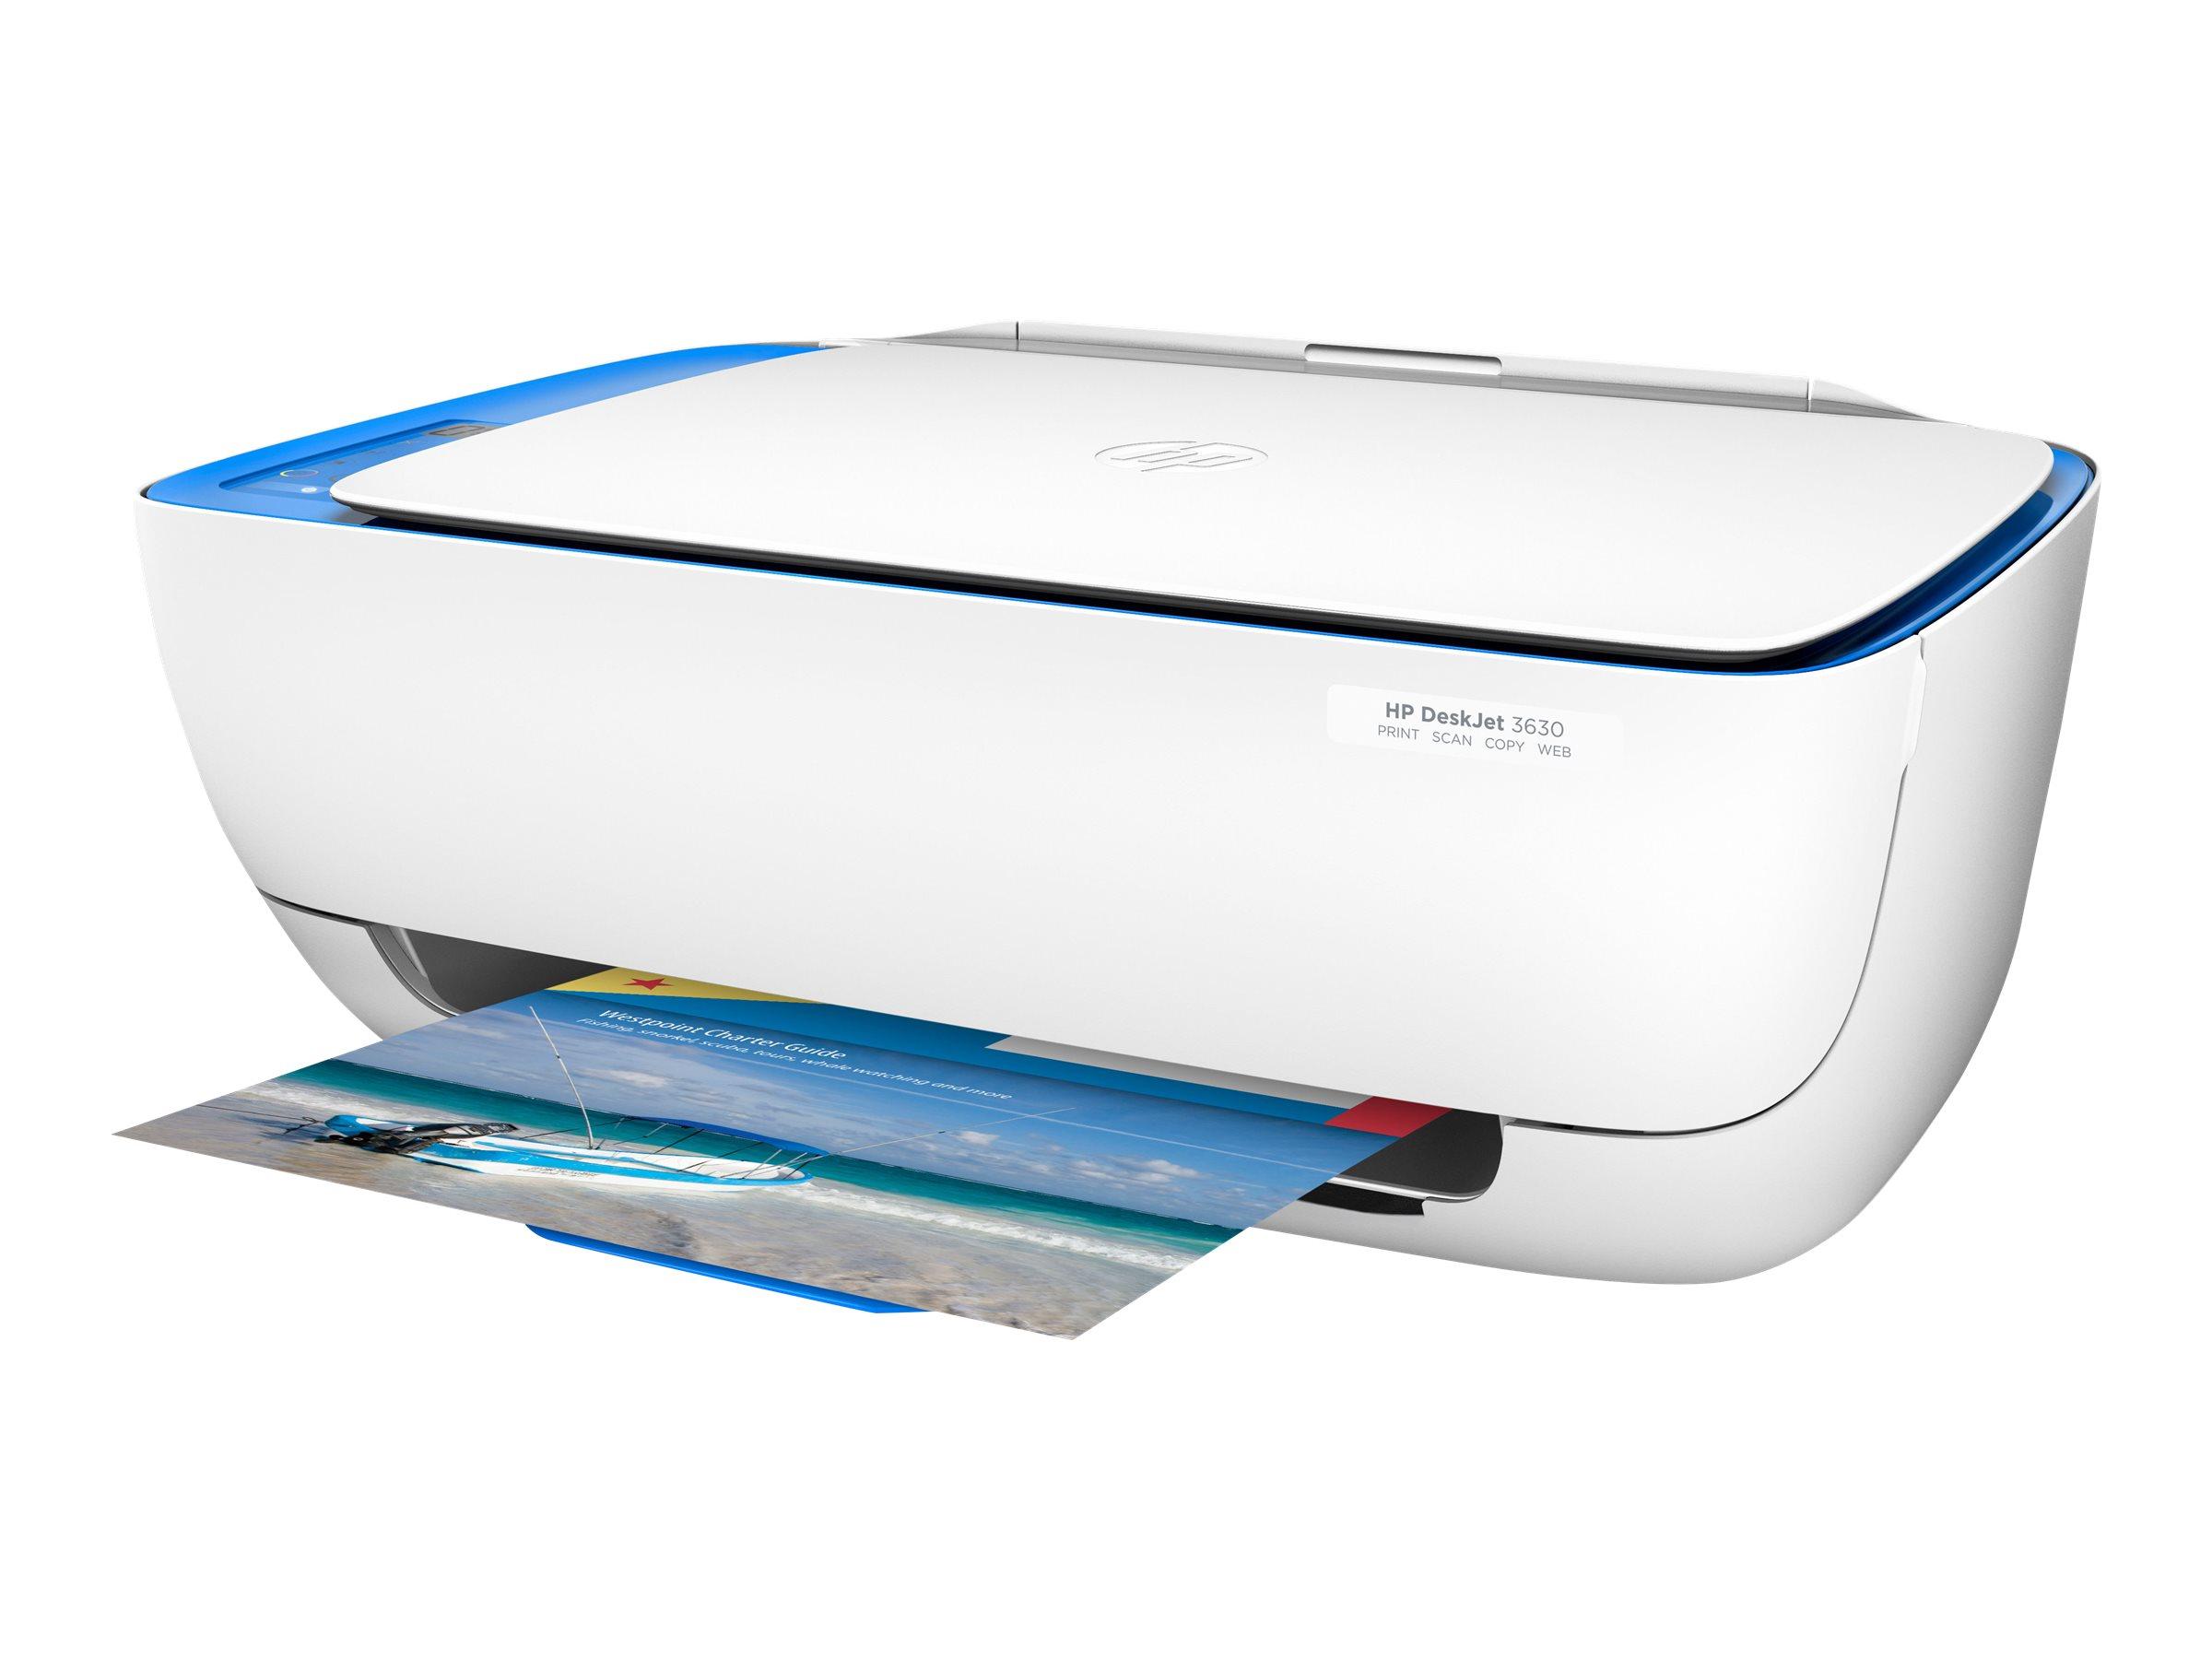 HP Deskjet 3637 All-in-One - Multifunktionsdrucker